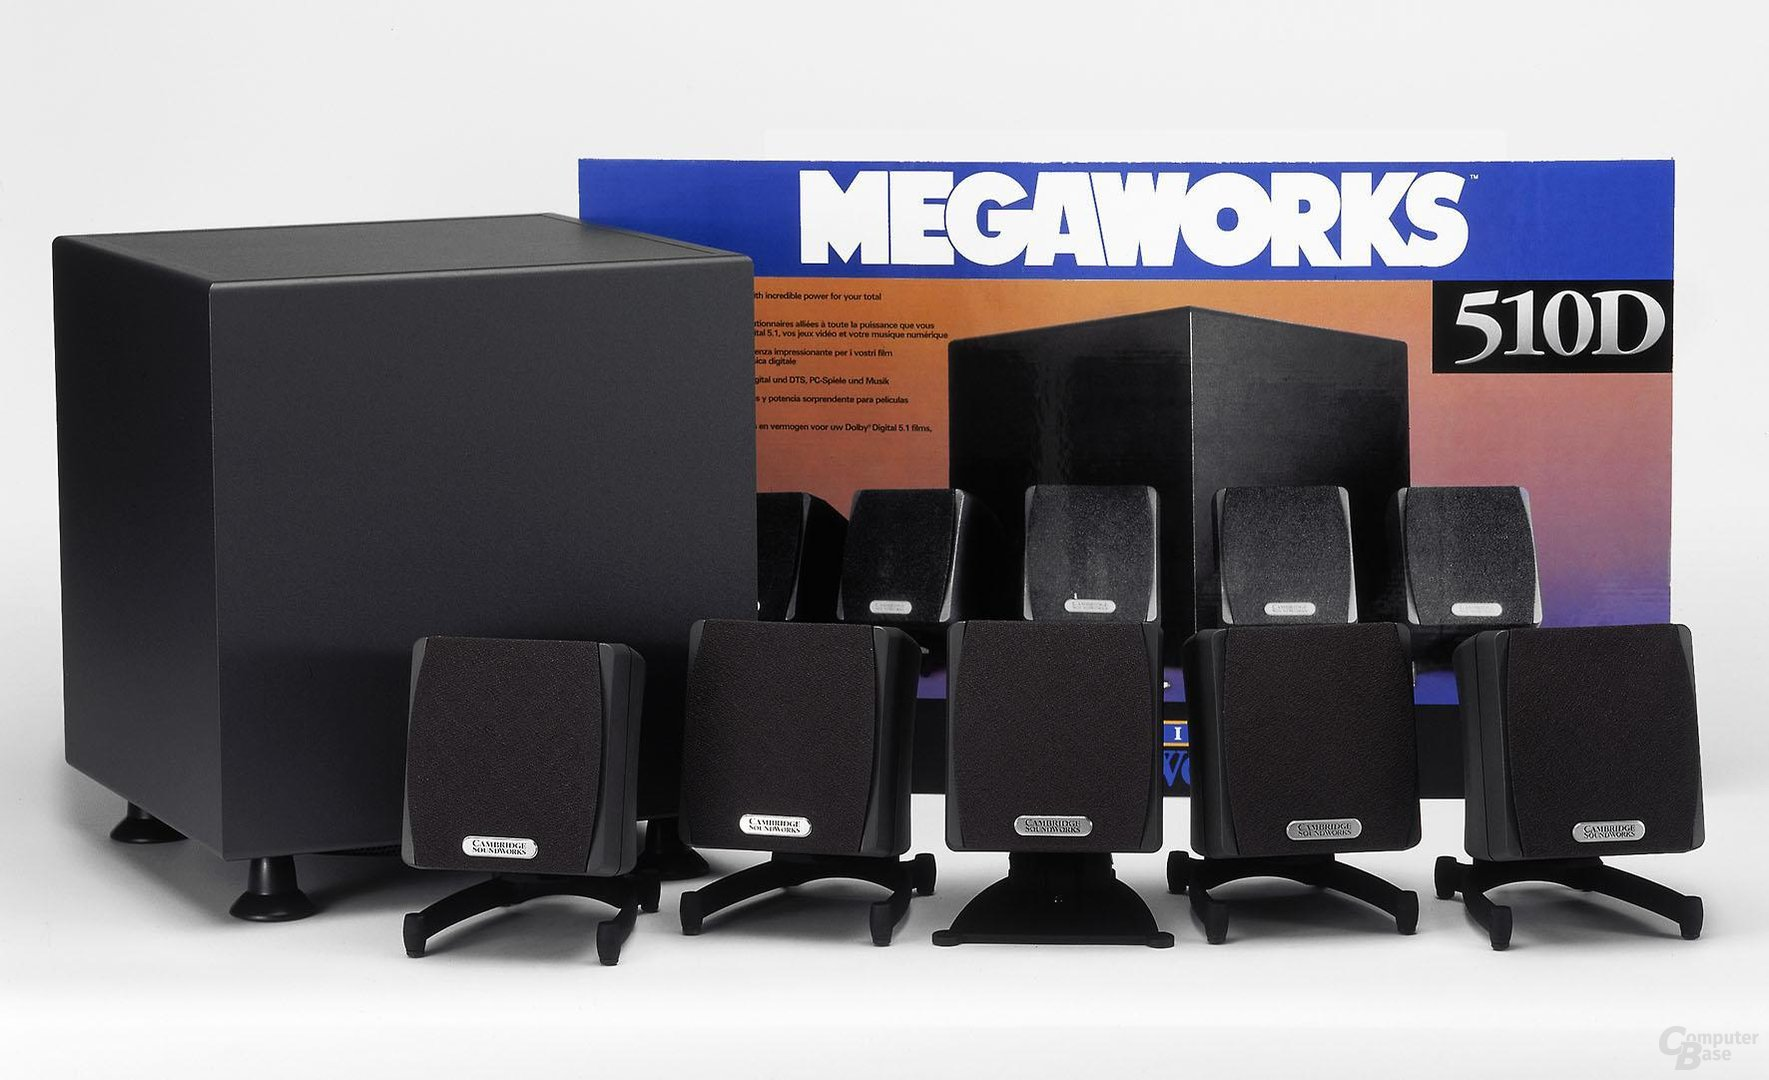 Mega Works 510D